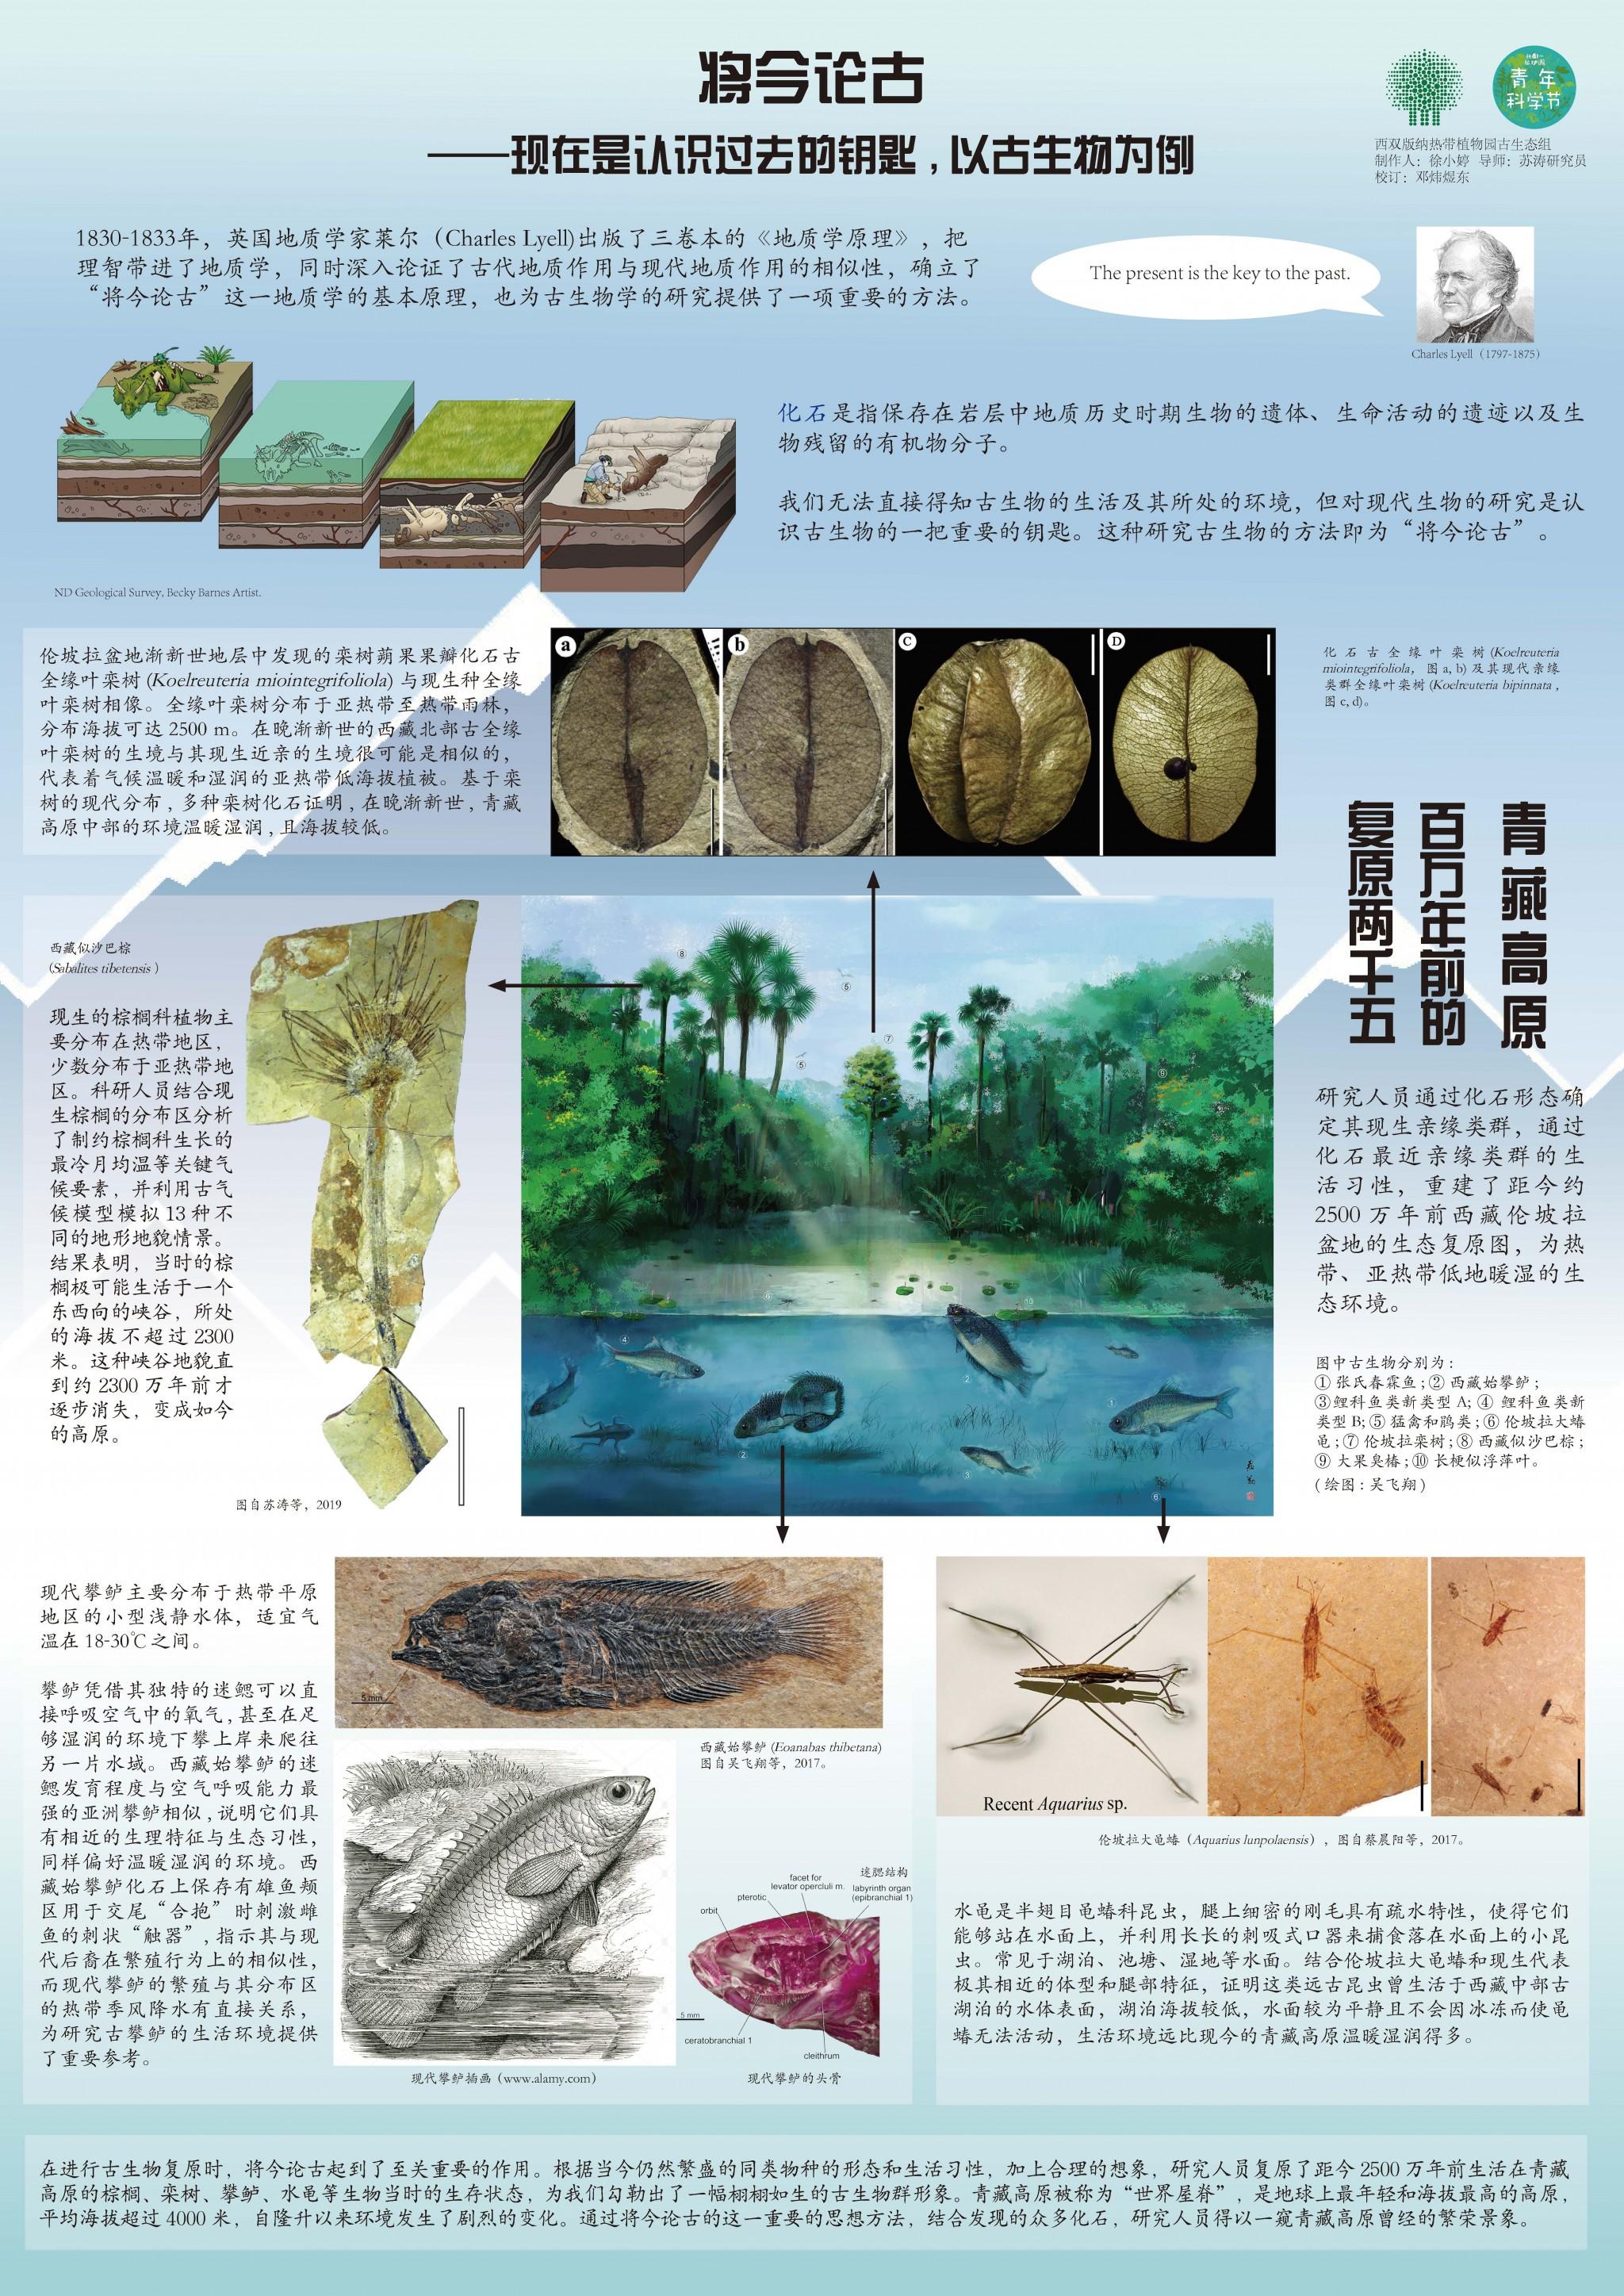 6-1 徐小婷_将今论古 现在是认识过去的钥匙,以古生物为例